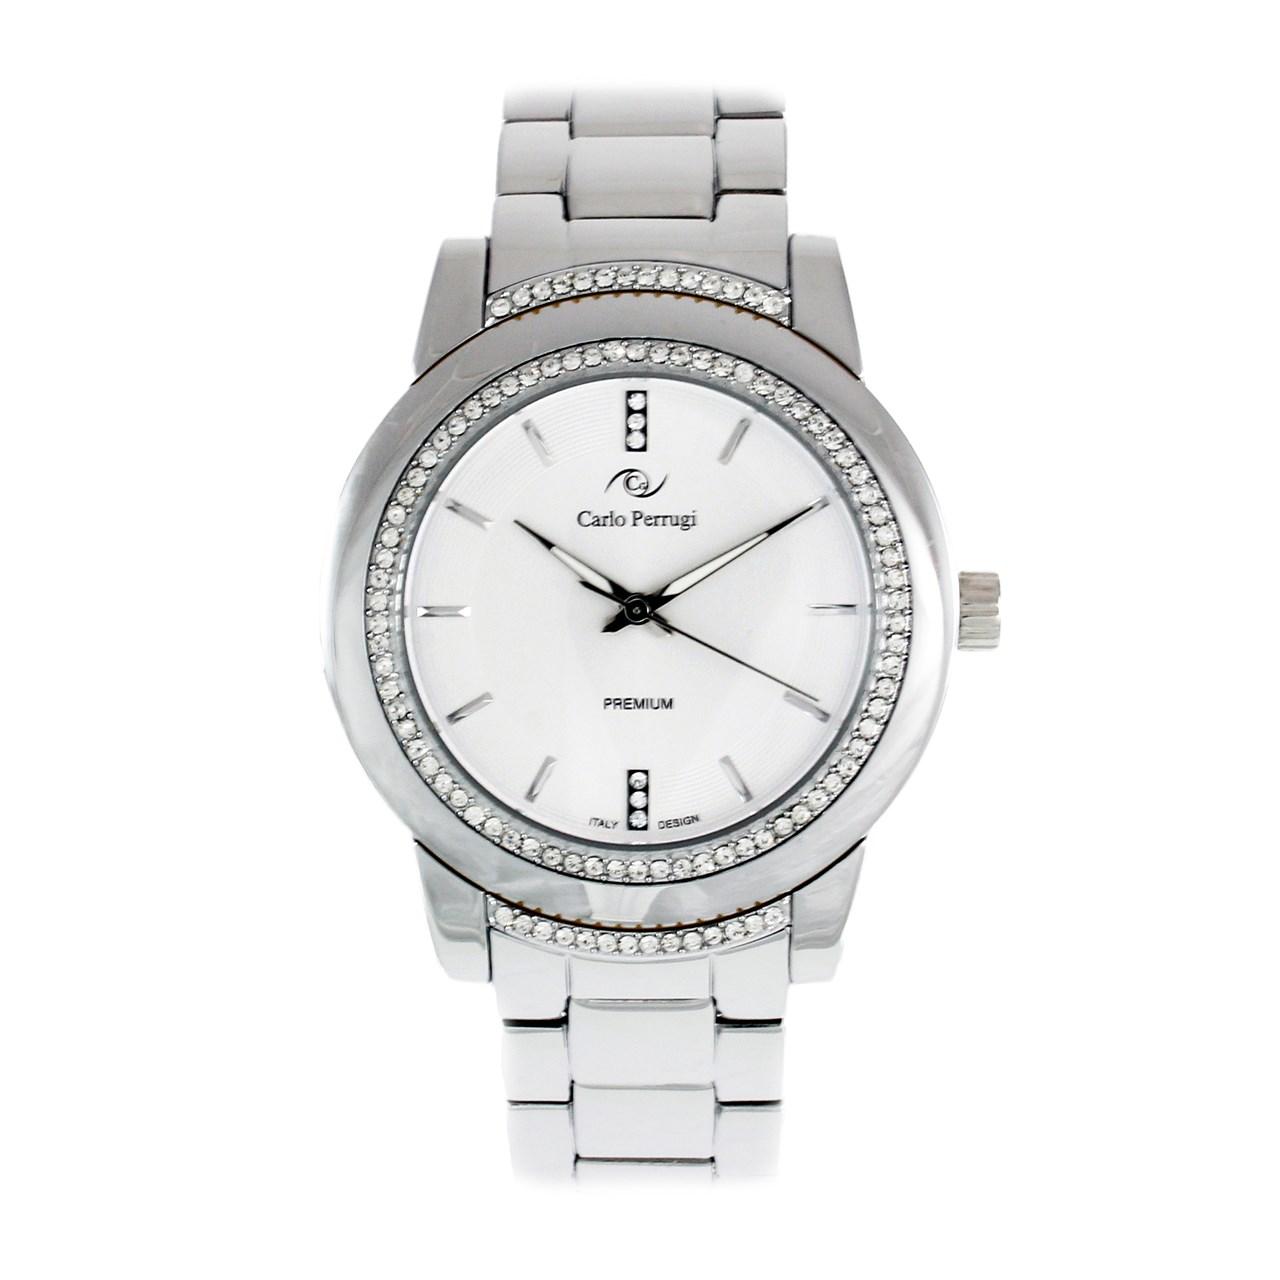 ساعت مچی عقربه ای زنانه کارلو پروجی مدل SL2019-4